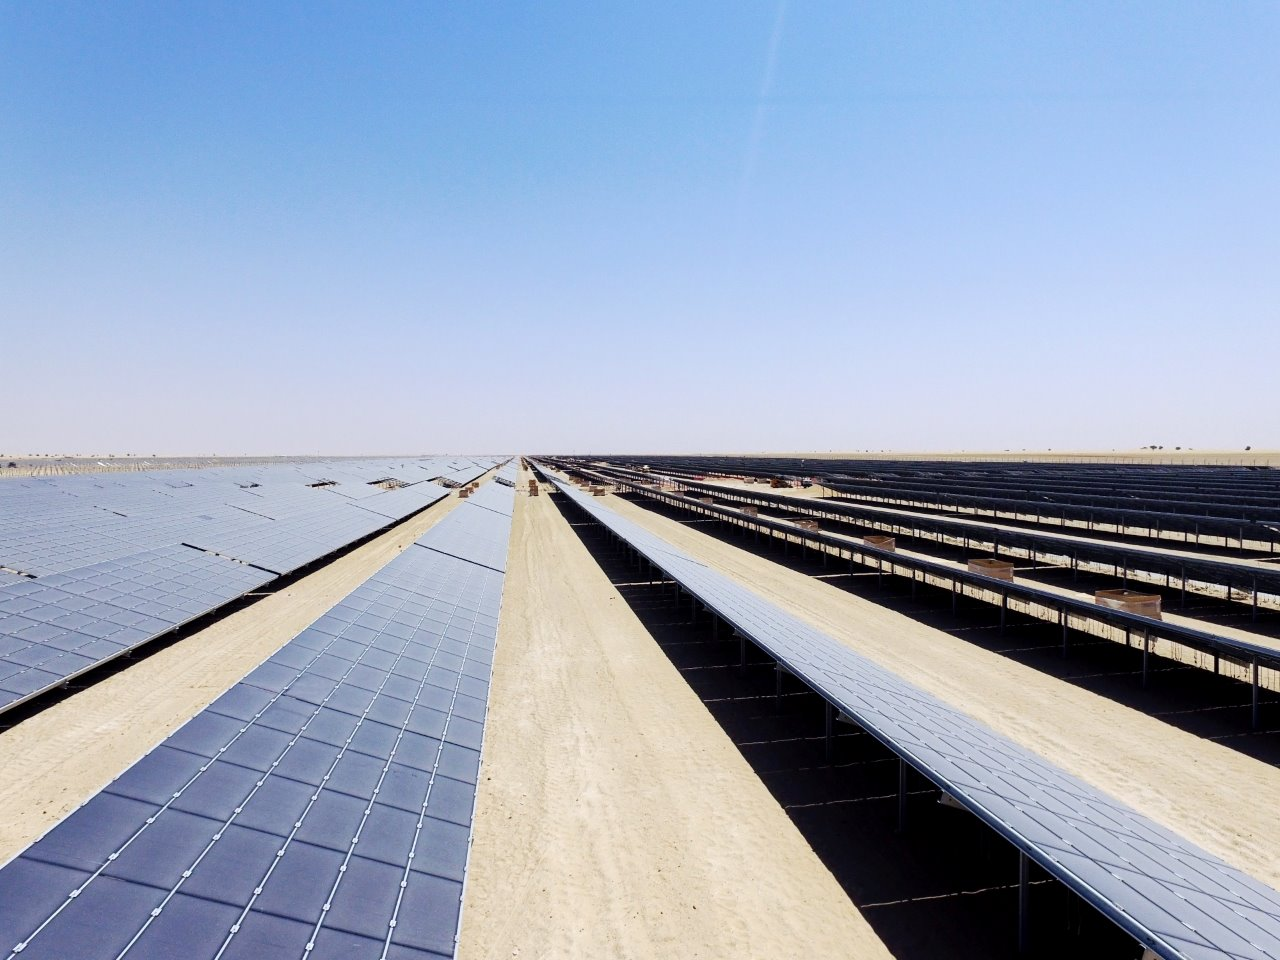 Egypt inaugurates 1.8GW solar park worth $2.8bn